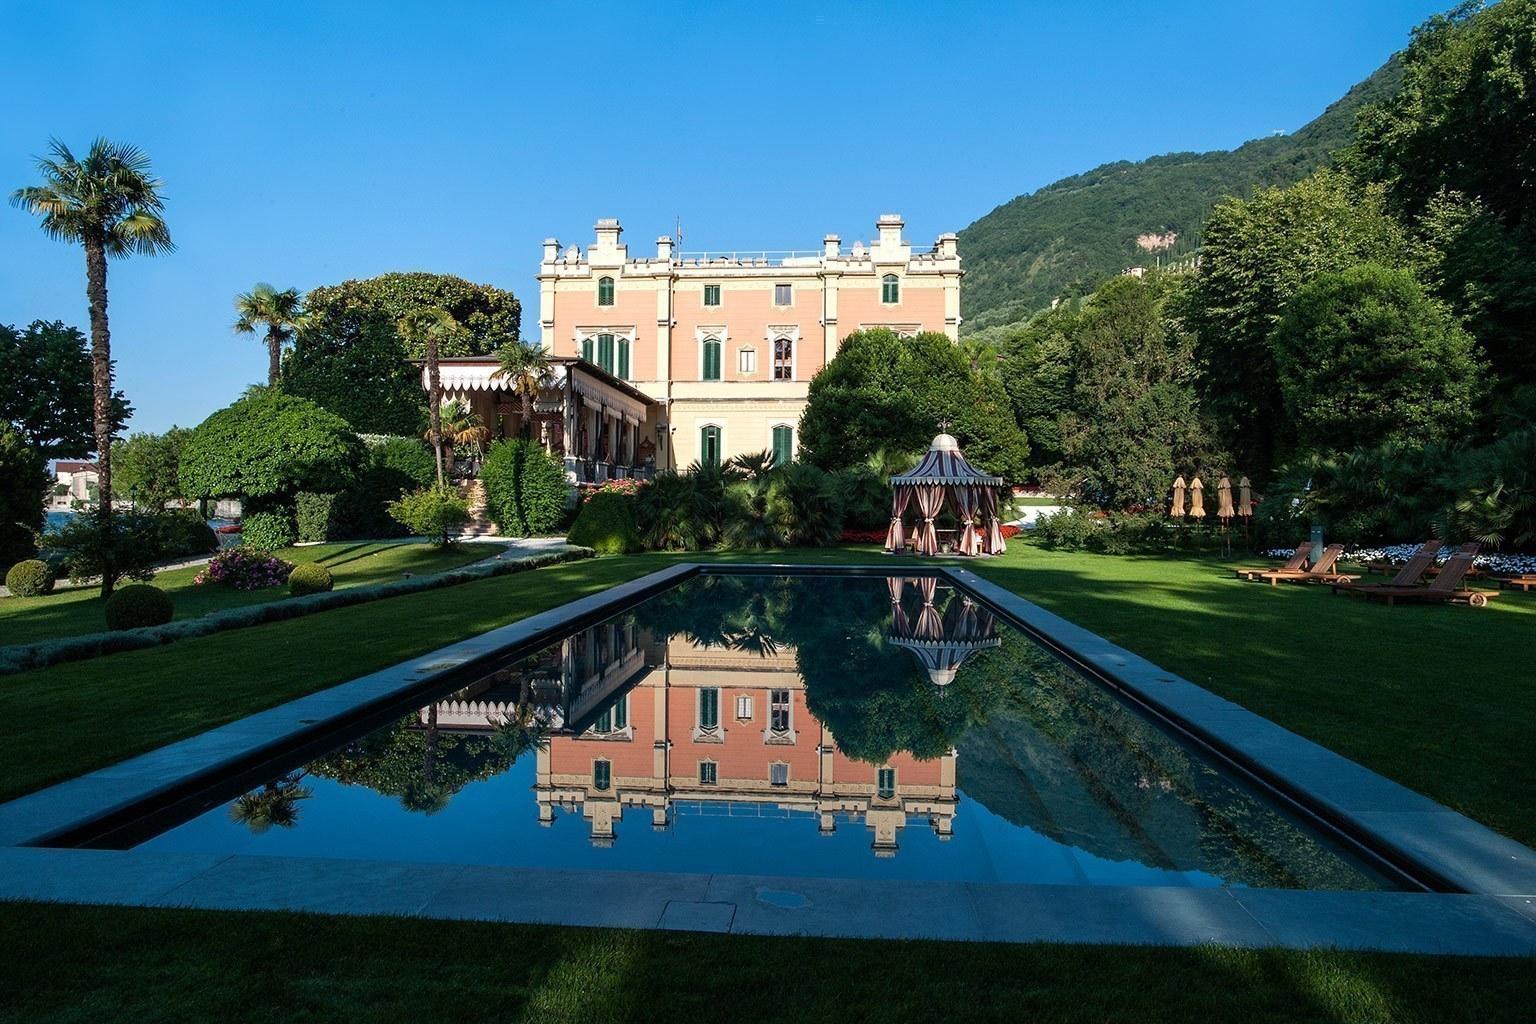 Grand Hotel Saturnia Spa